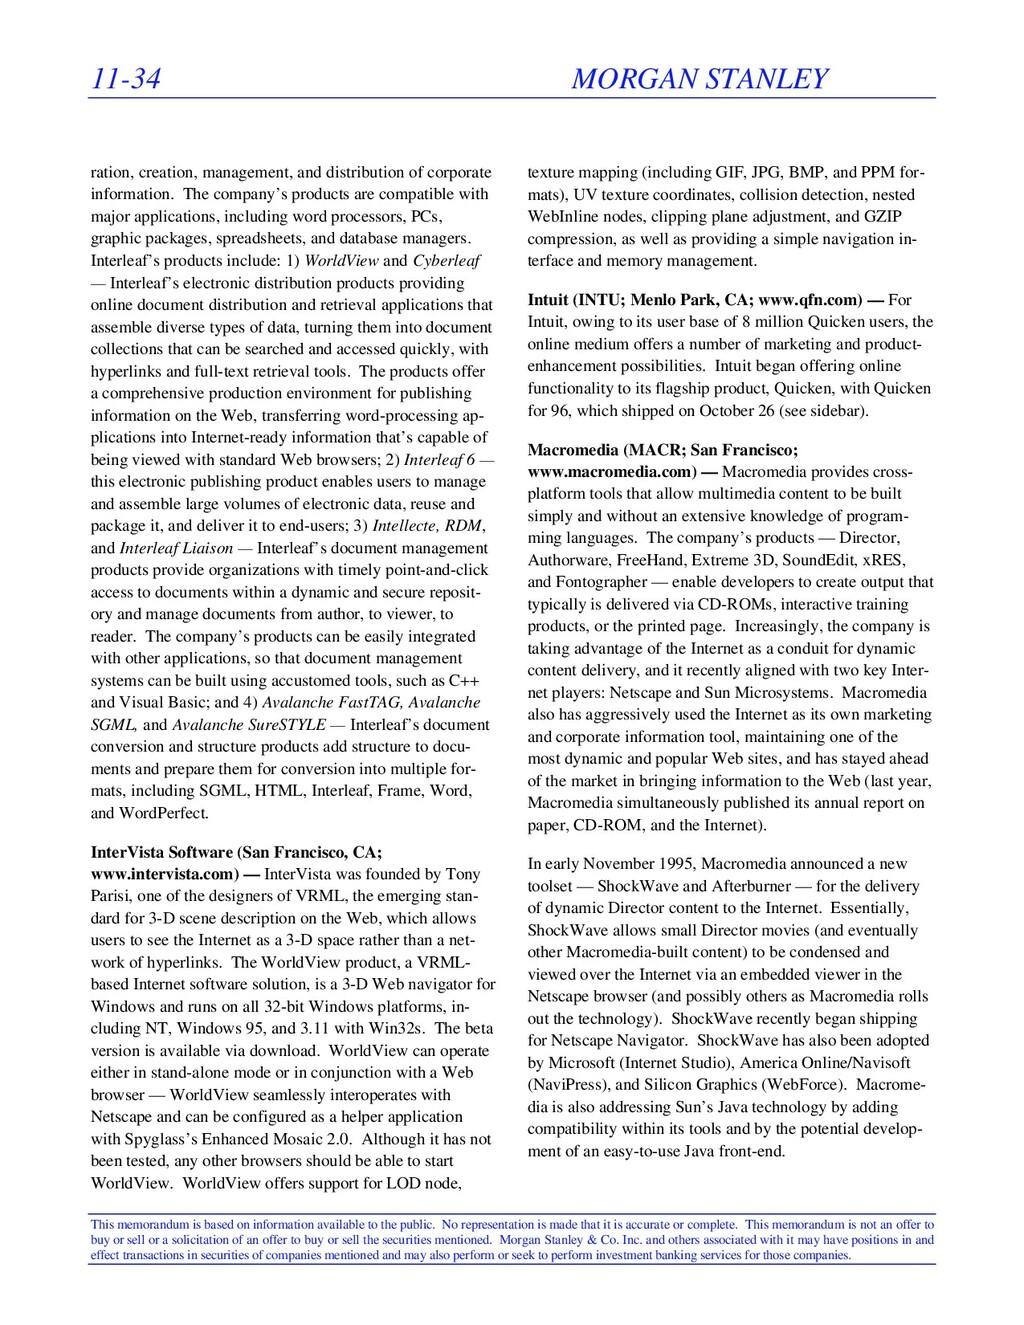 11-34 MORGAN STANLEY This memorandum is based o...